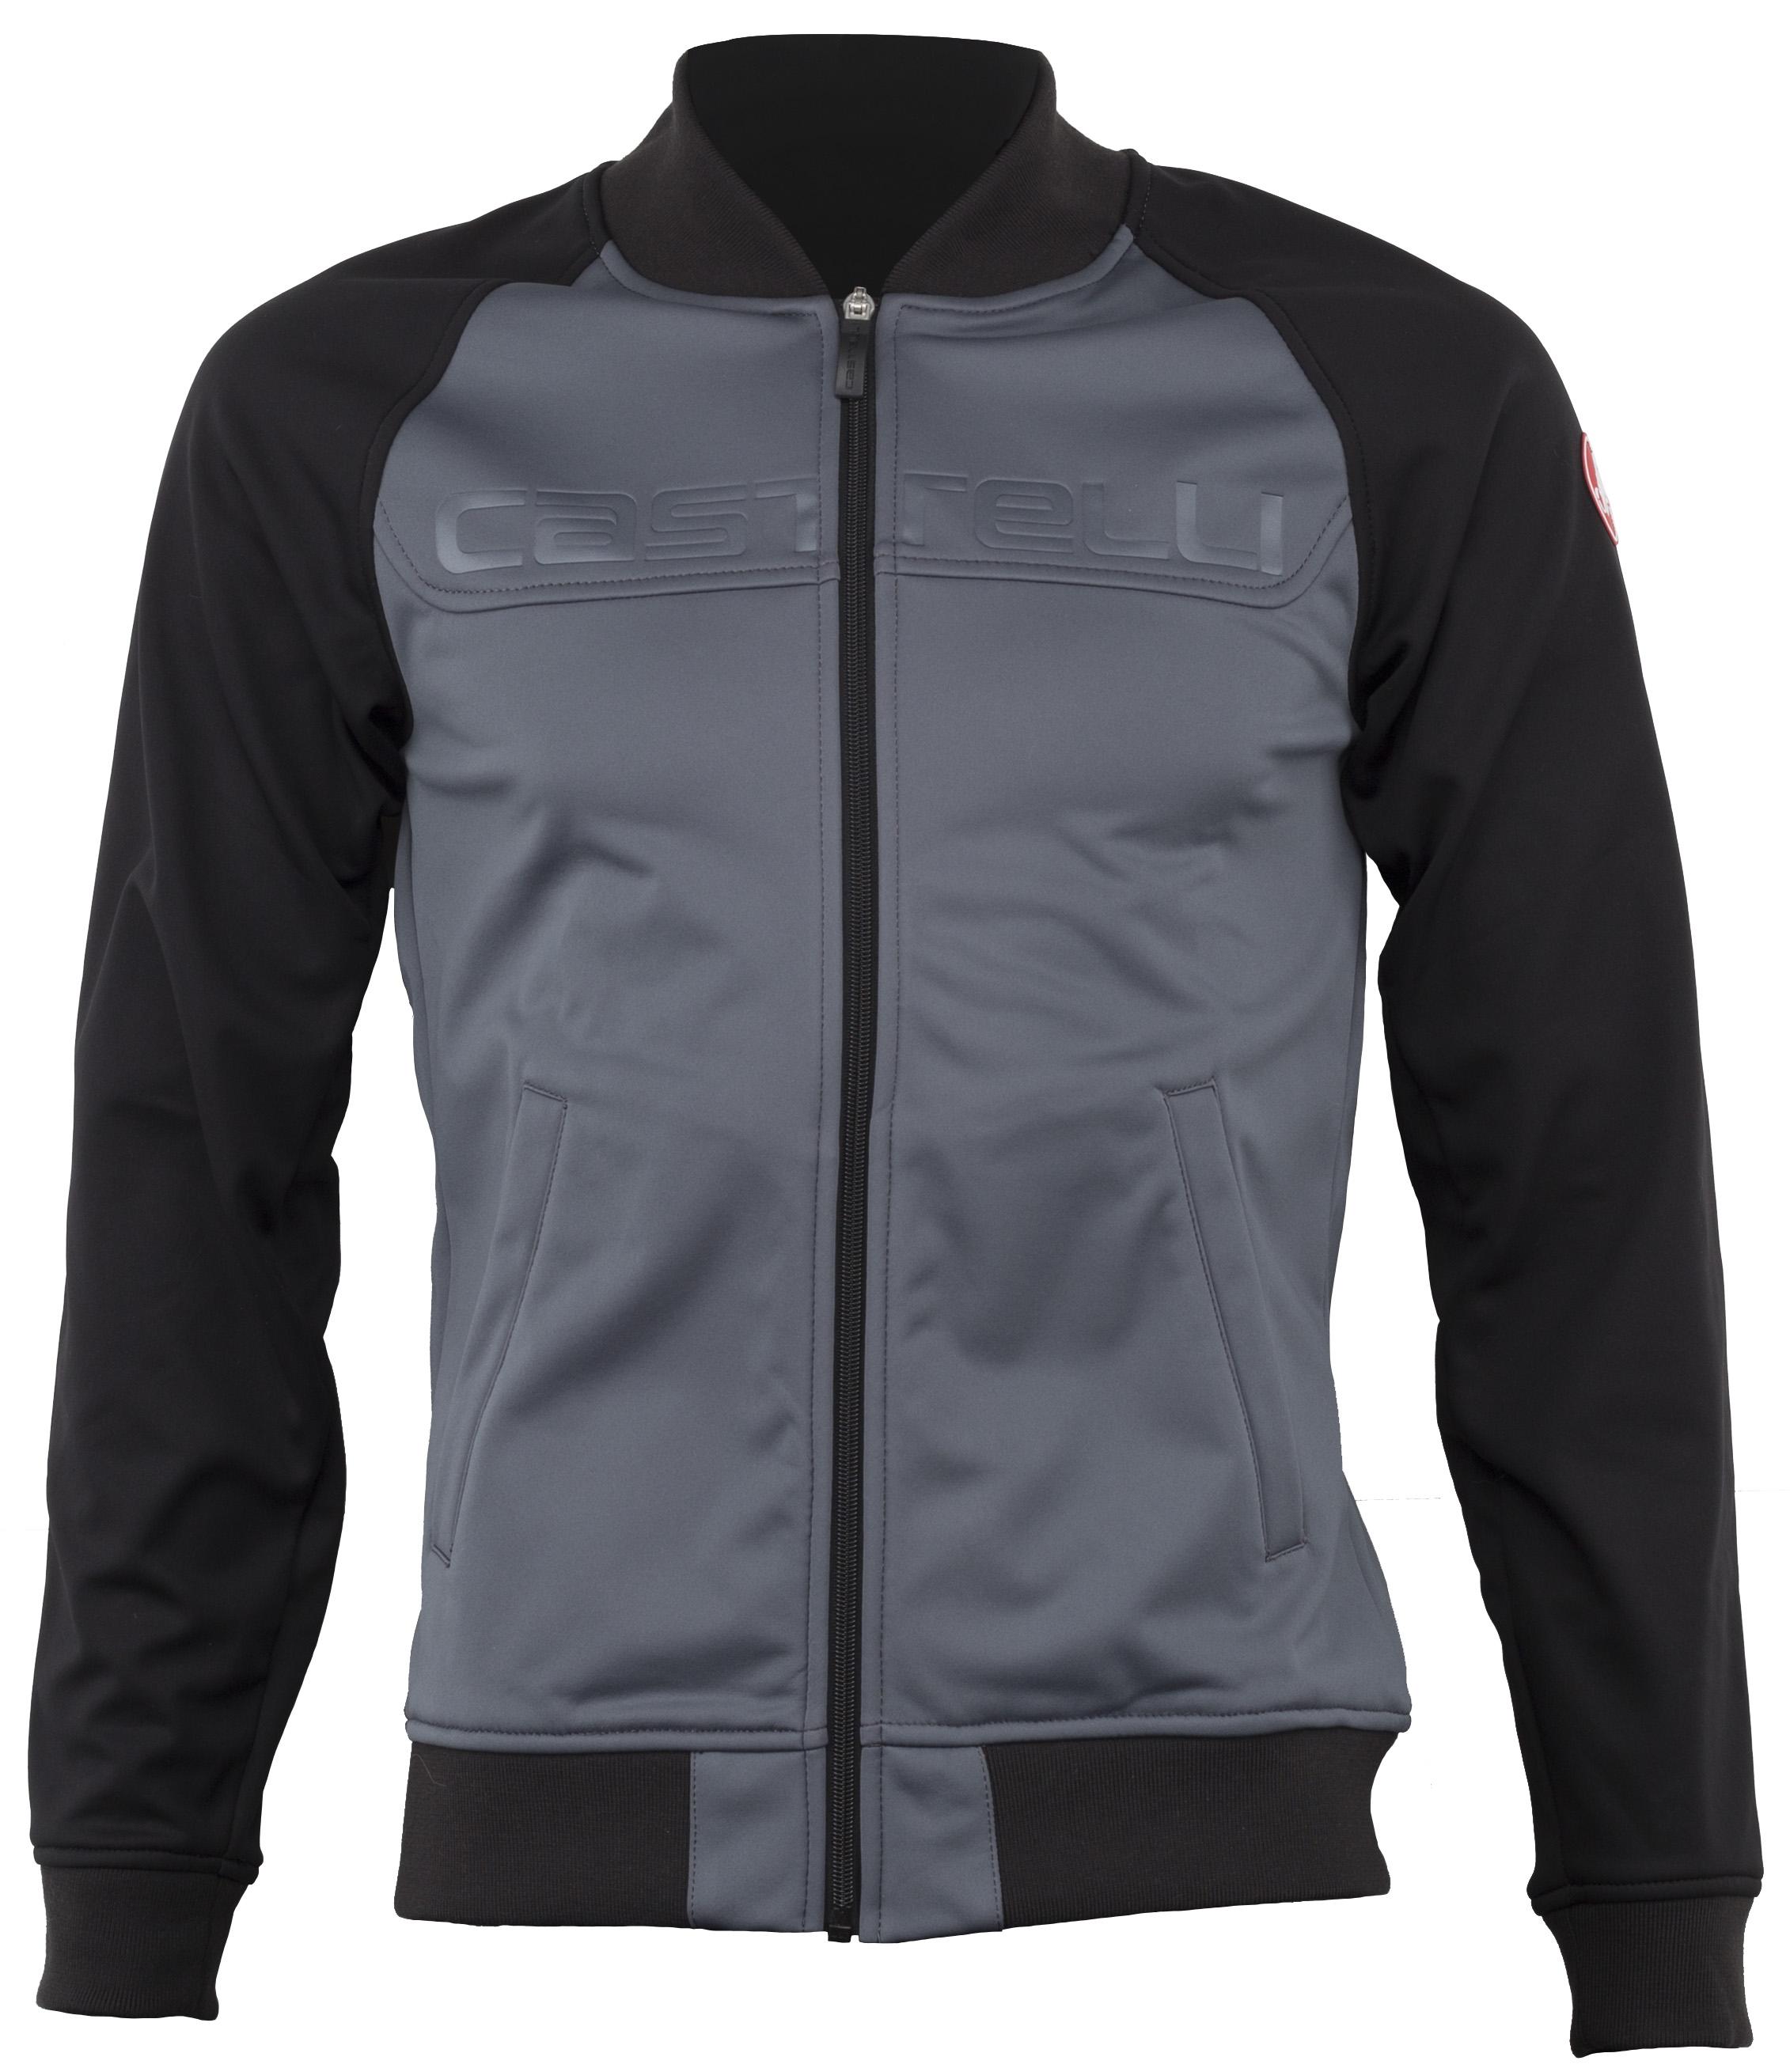 Castelli Meccanico Track Jacket